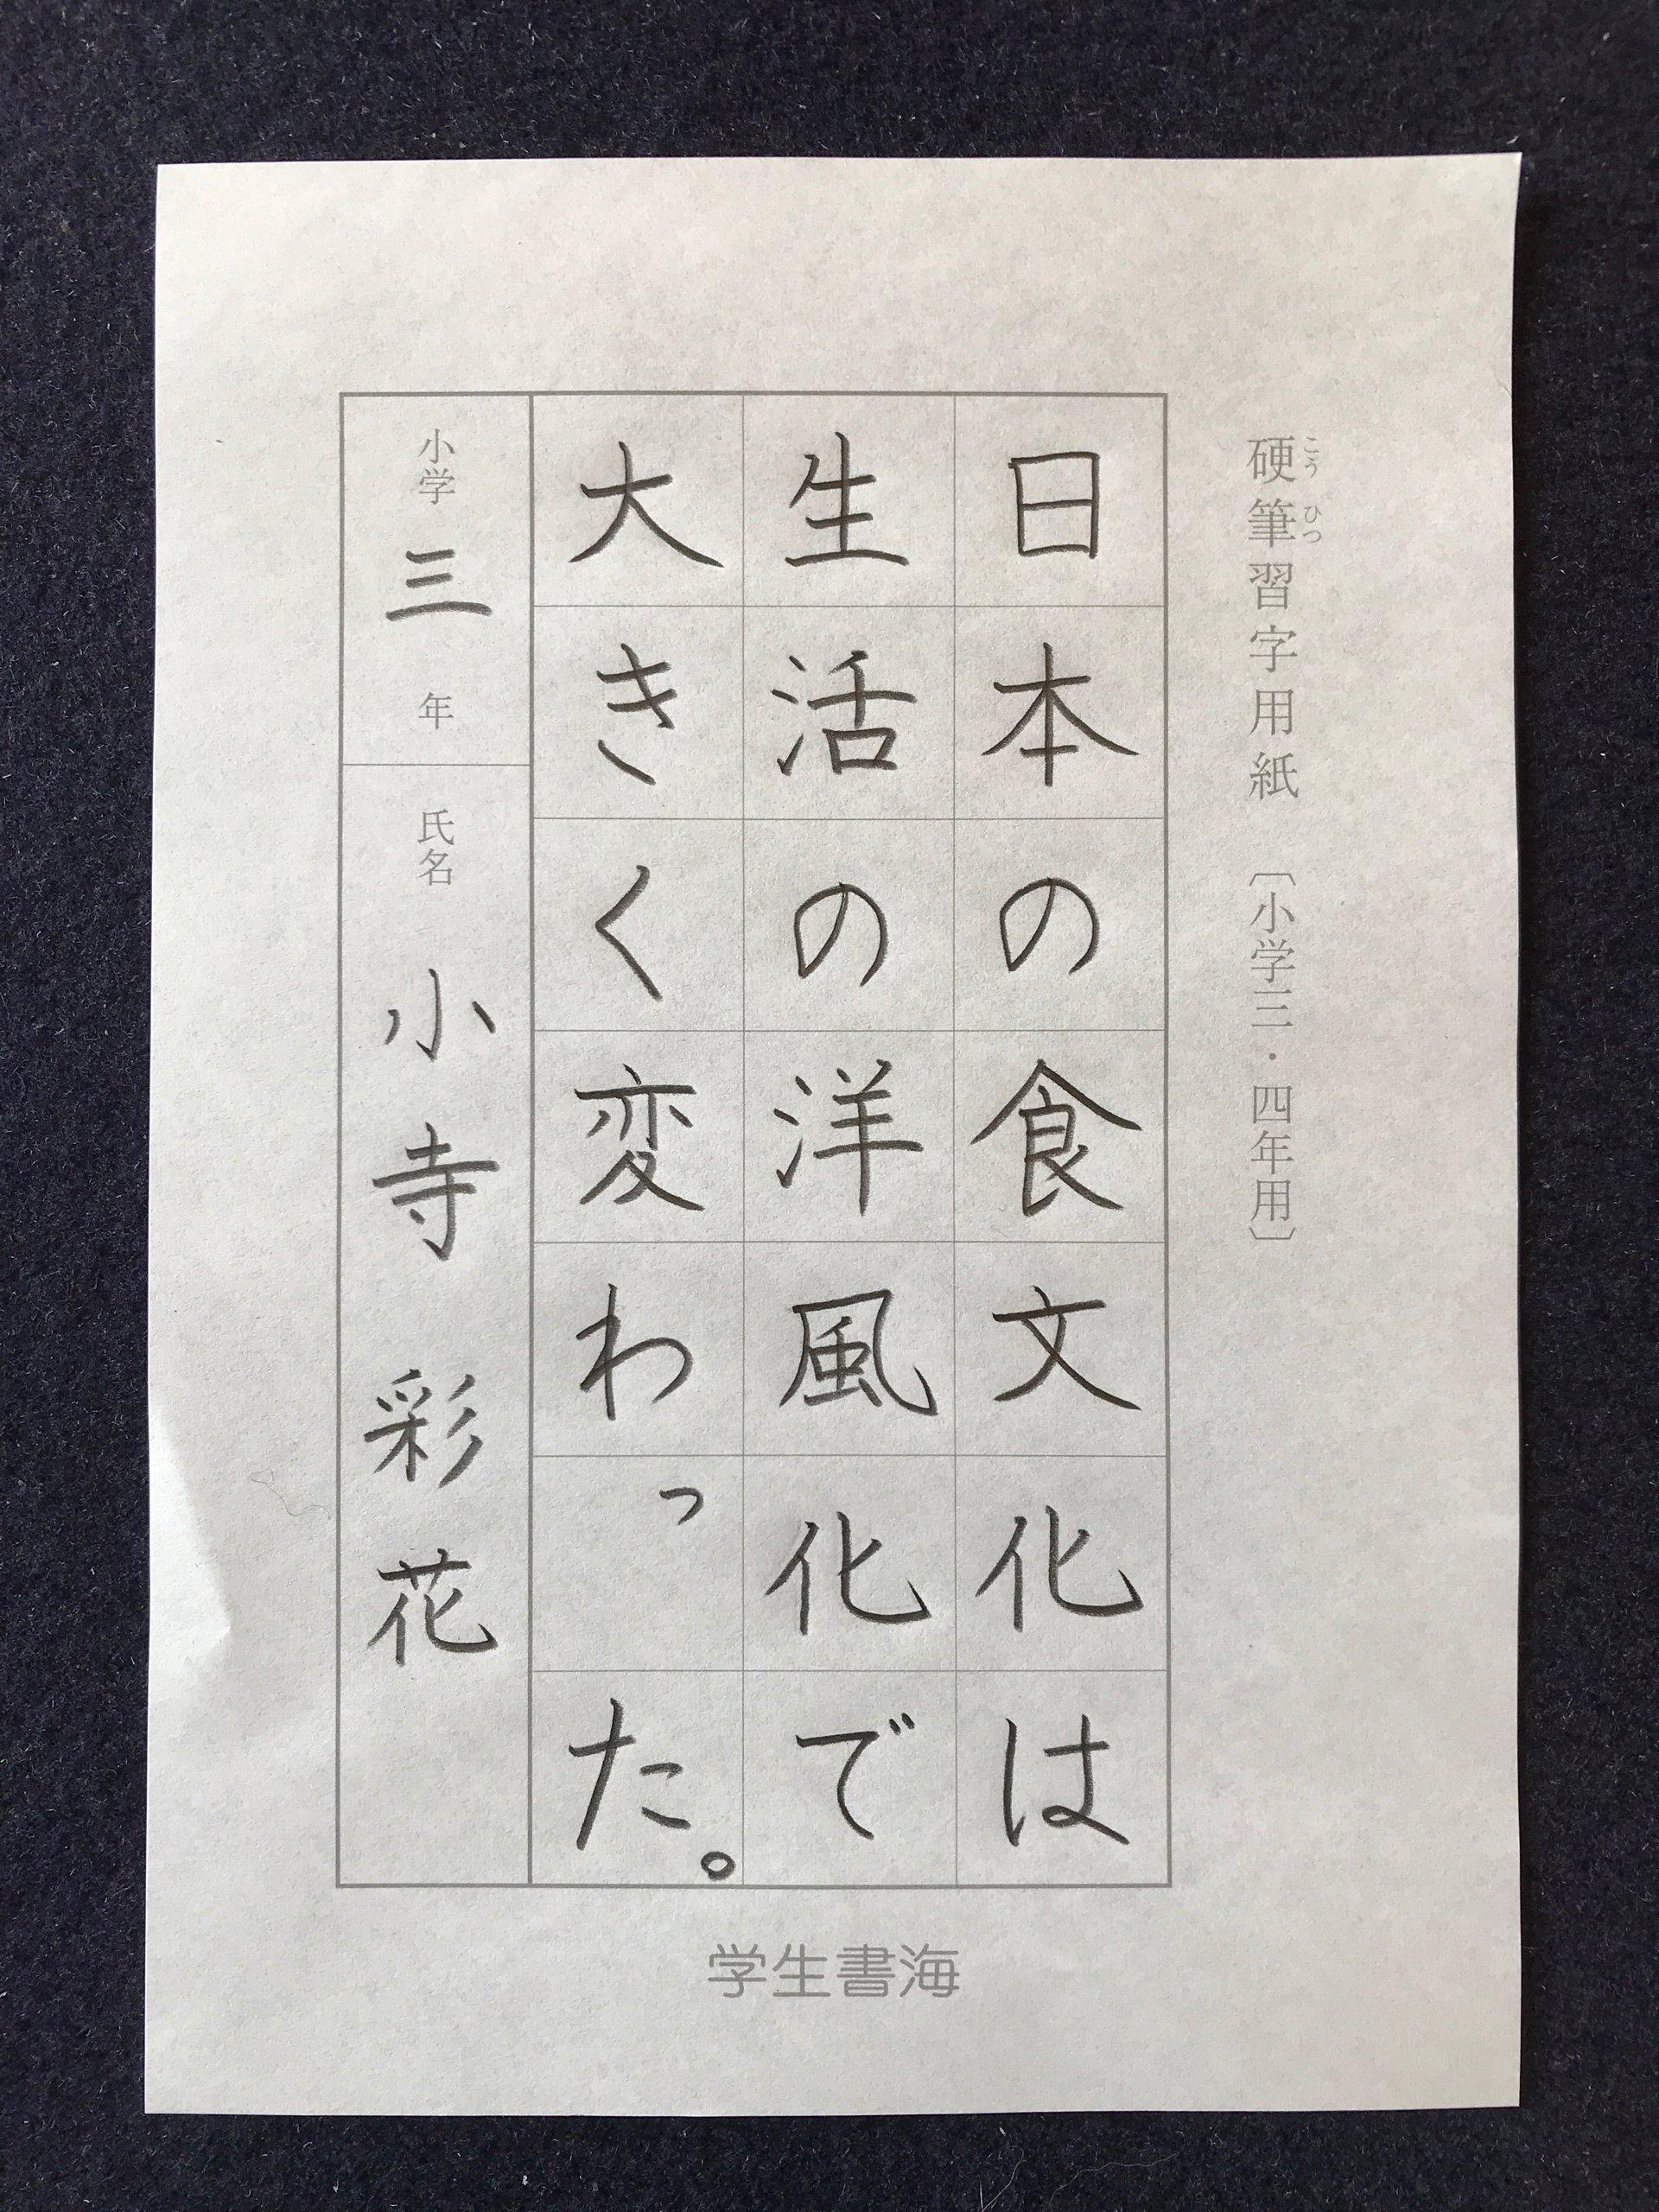 付く 漢字 の さんずい